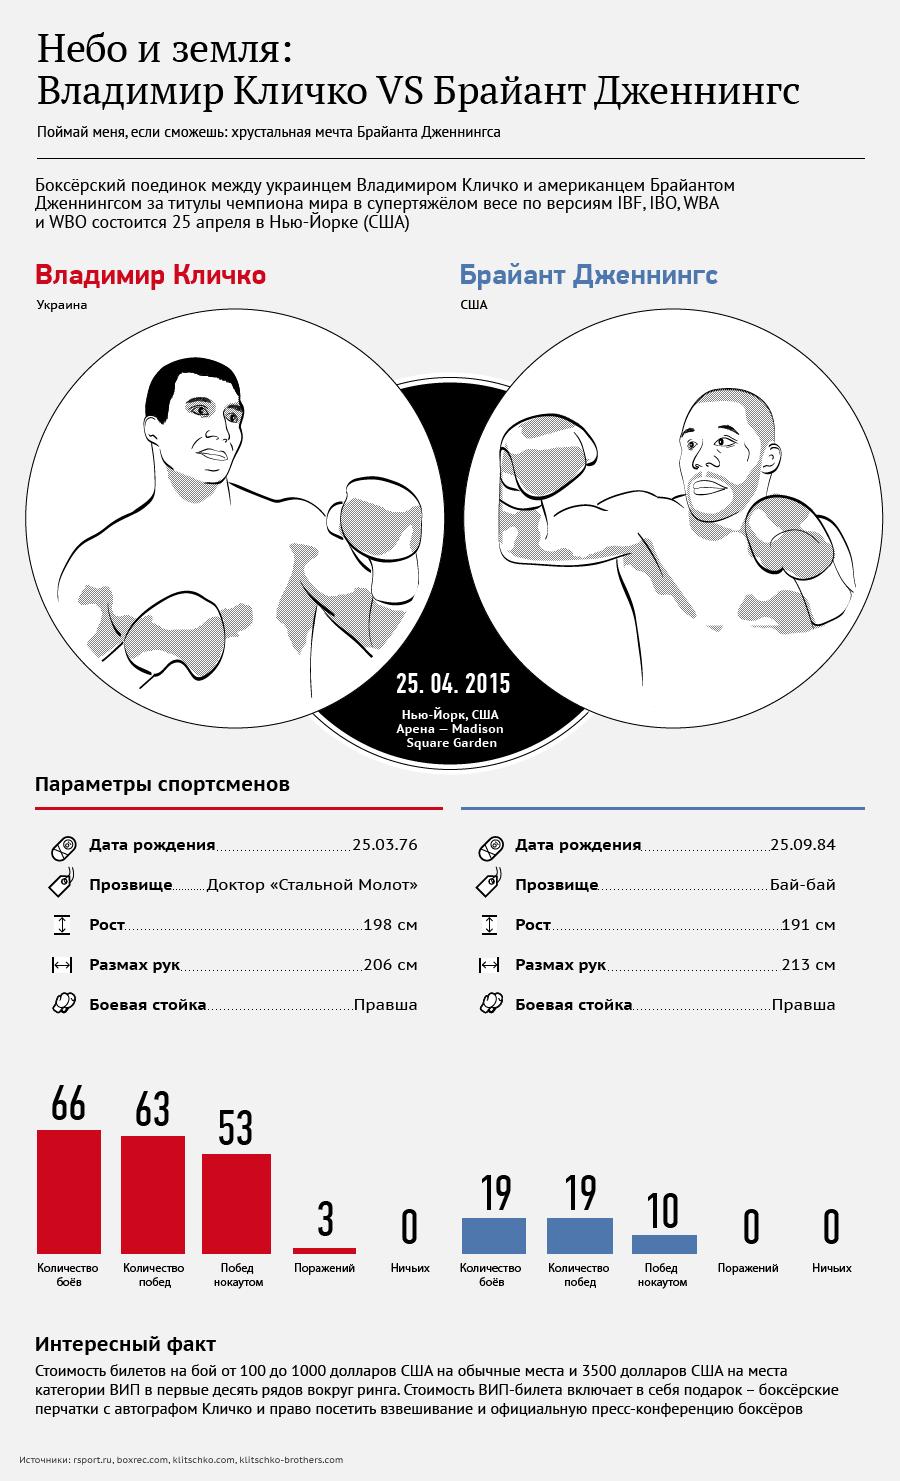 Владимир Кличко VS Брайант Дженнингс